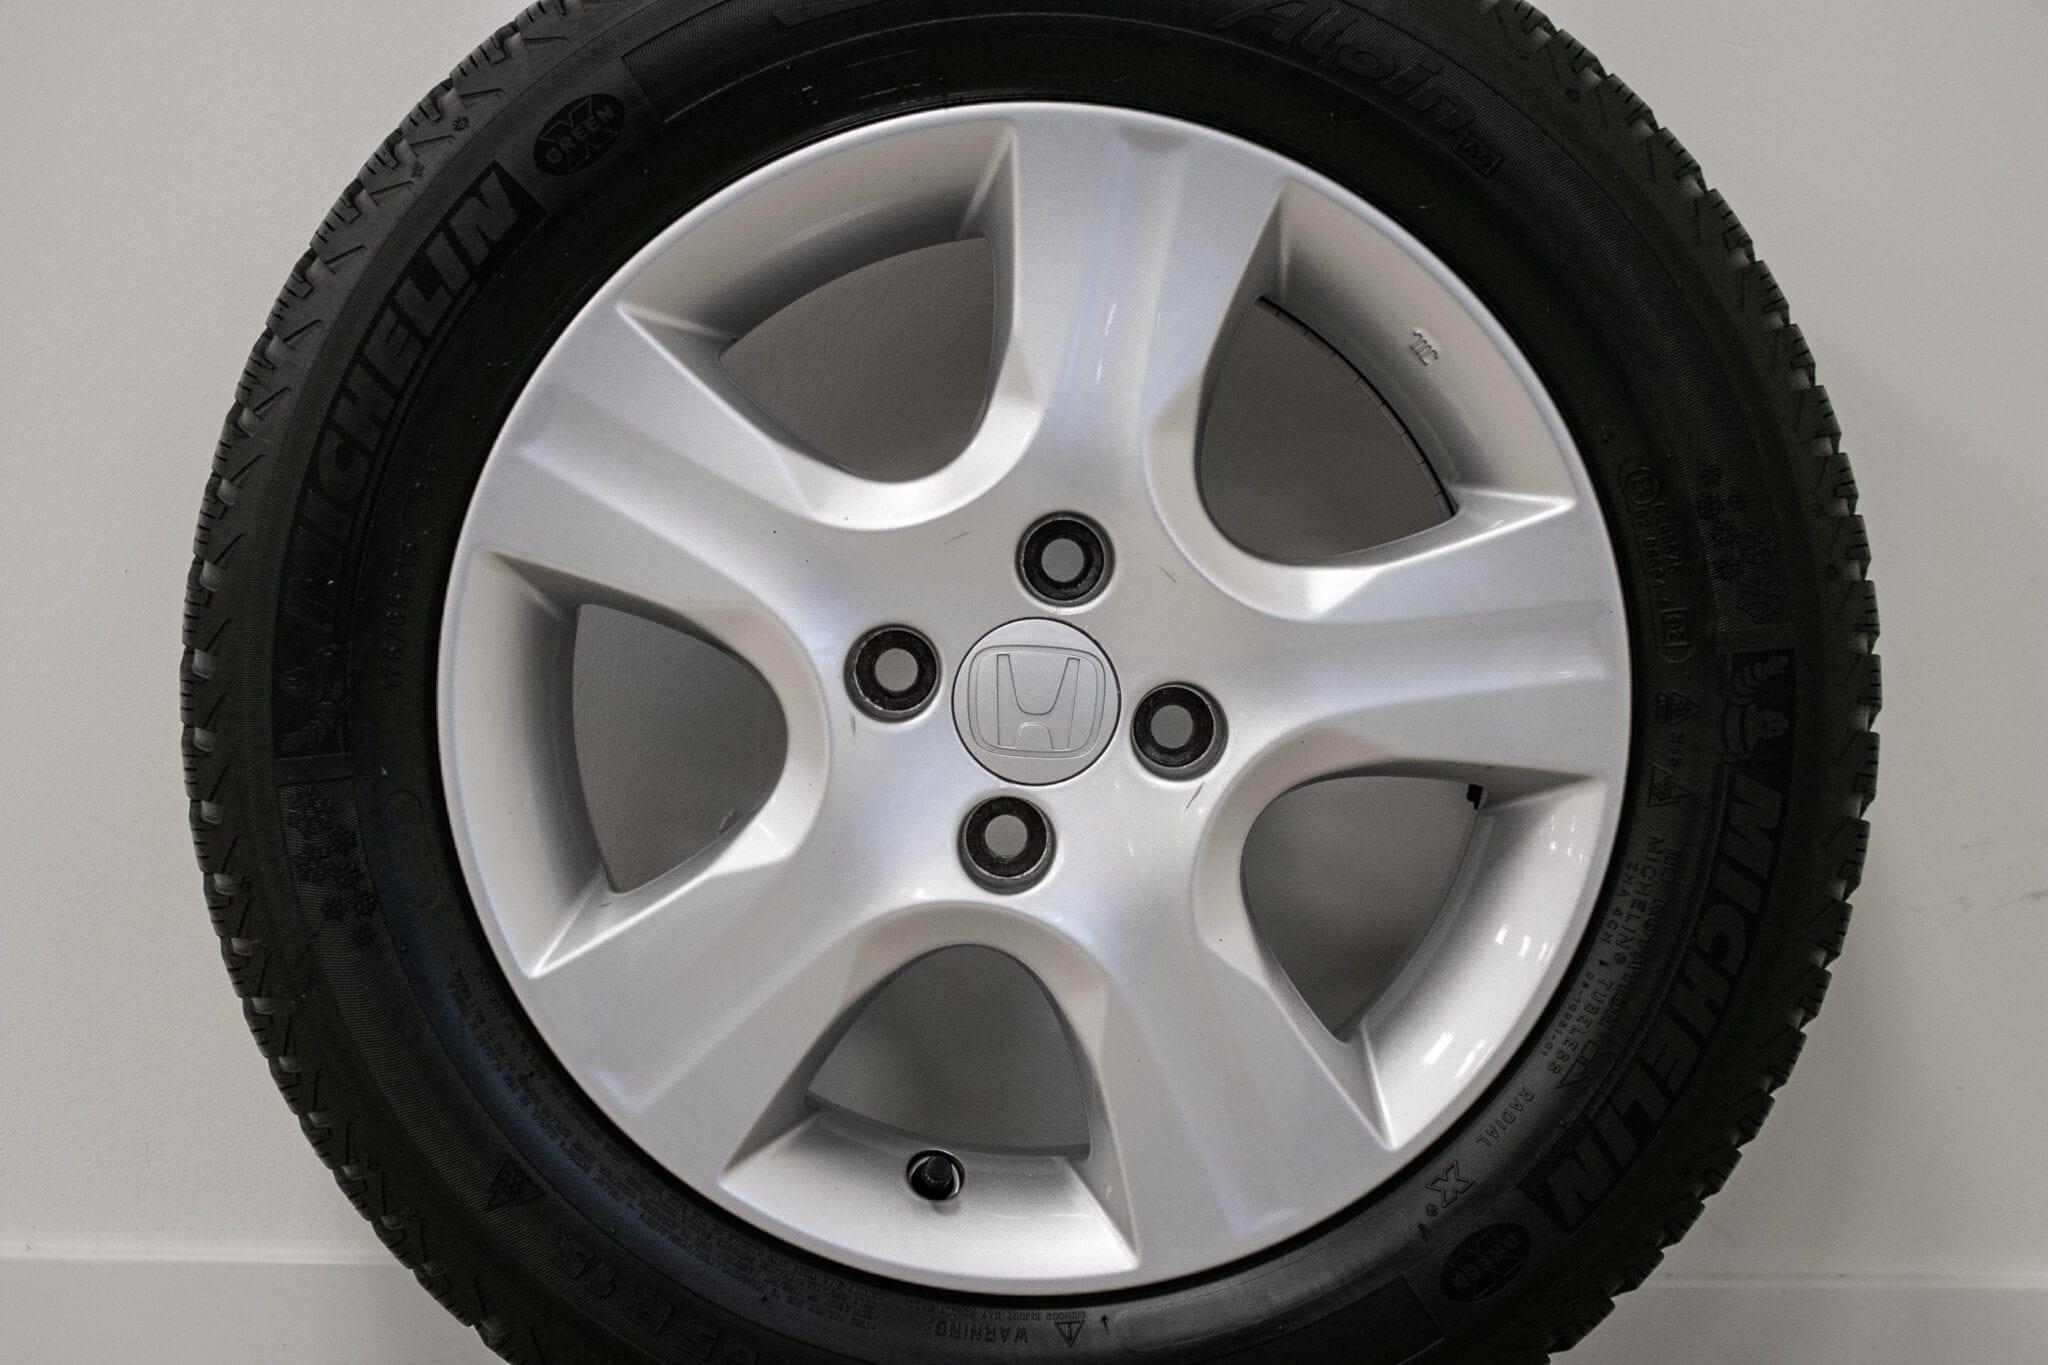 """15"""" Winterwielen voor de Honda Jazz & Insight ('09-'19) €349,- Gebruikt. Profieldiepte: 5.2mm - 5.5mm"""